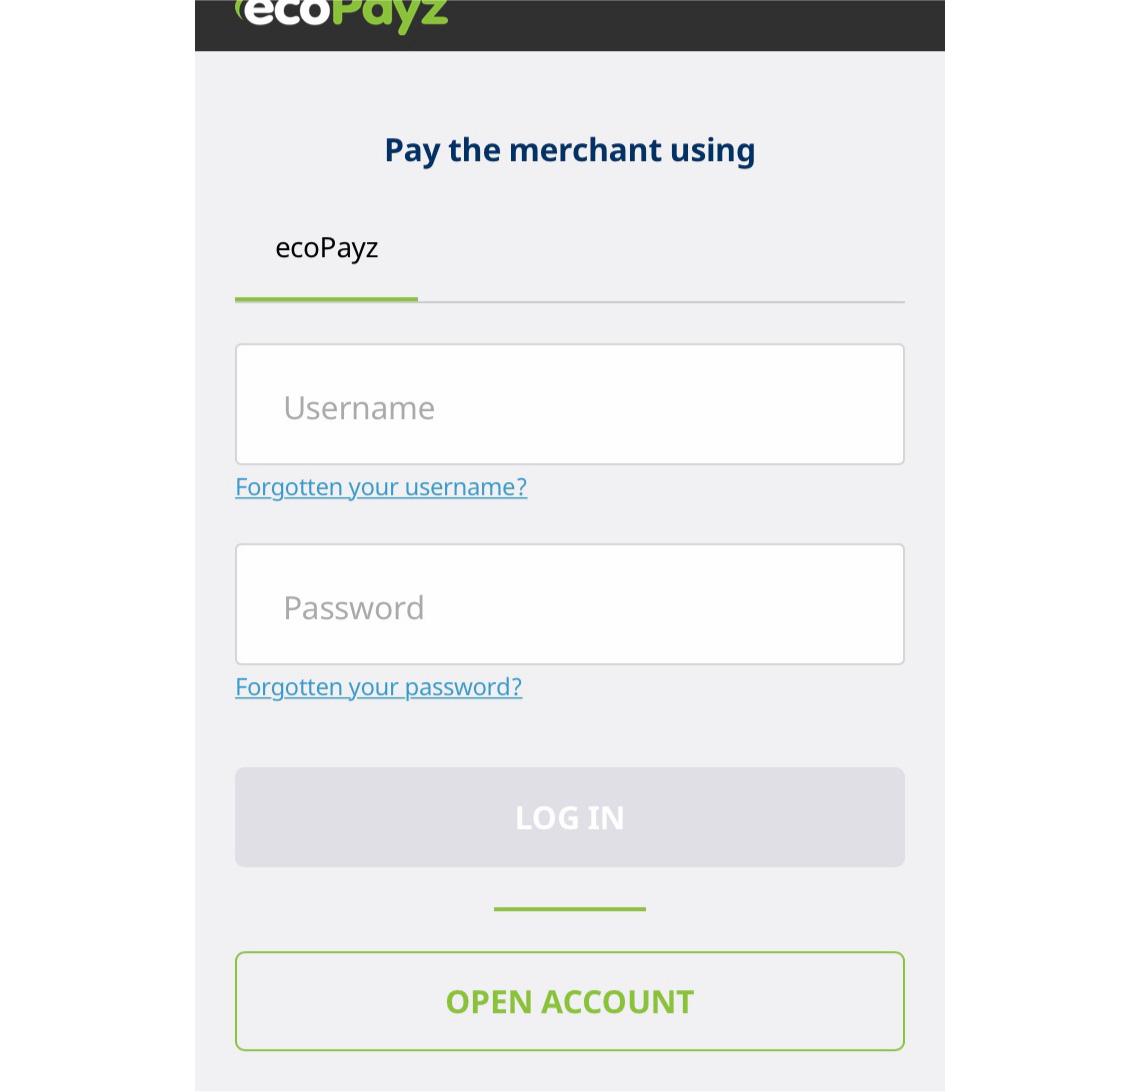 ecoPayzのログイン画面が表示されるので、IDとパスワードを入力